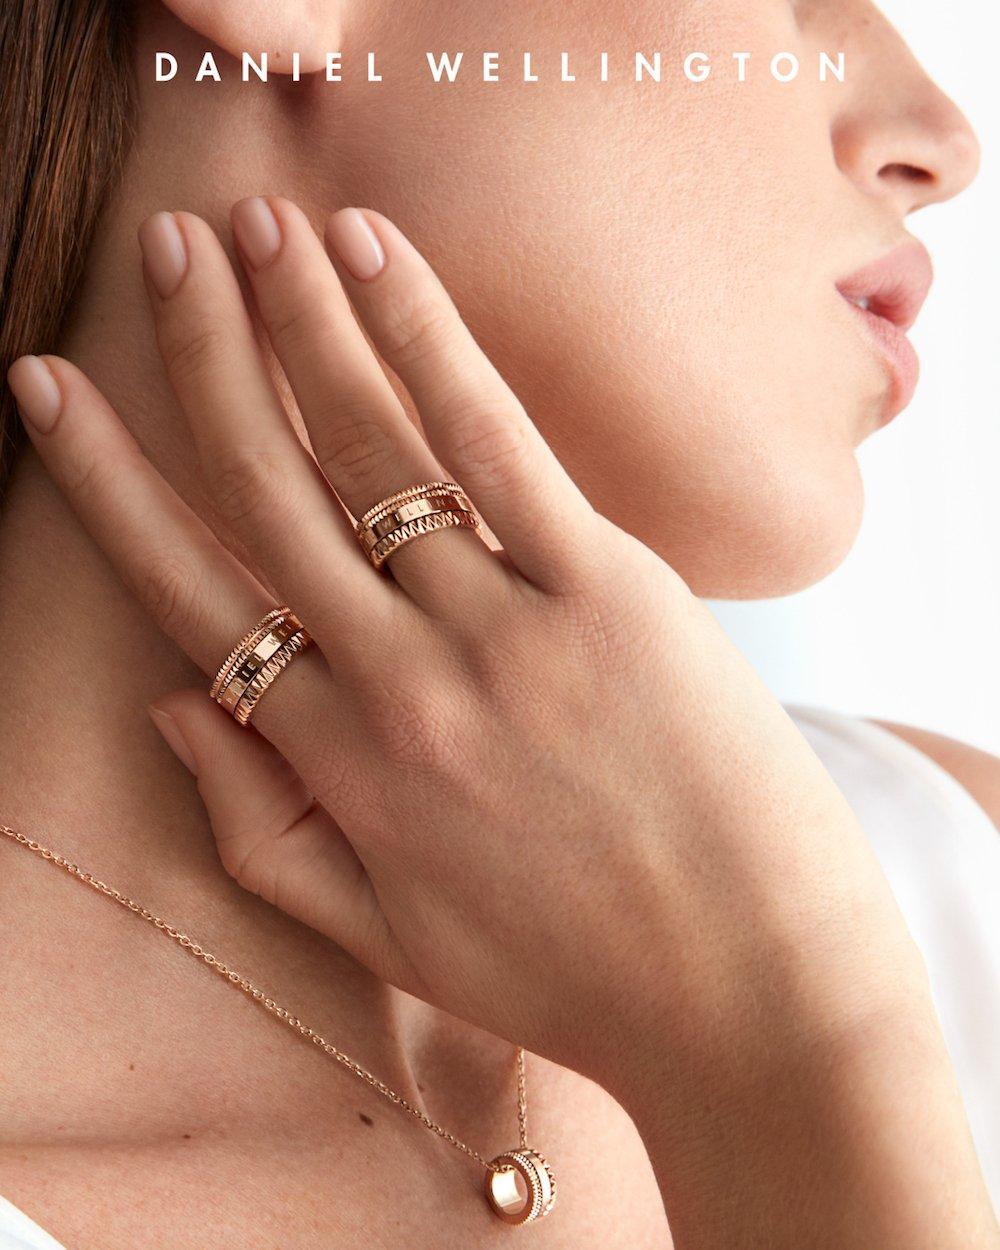 ダニエルウェリントンから、Elevationジュエリーコレクションが指輪とネックレスが販売、どっちがおすすめ?